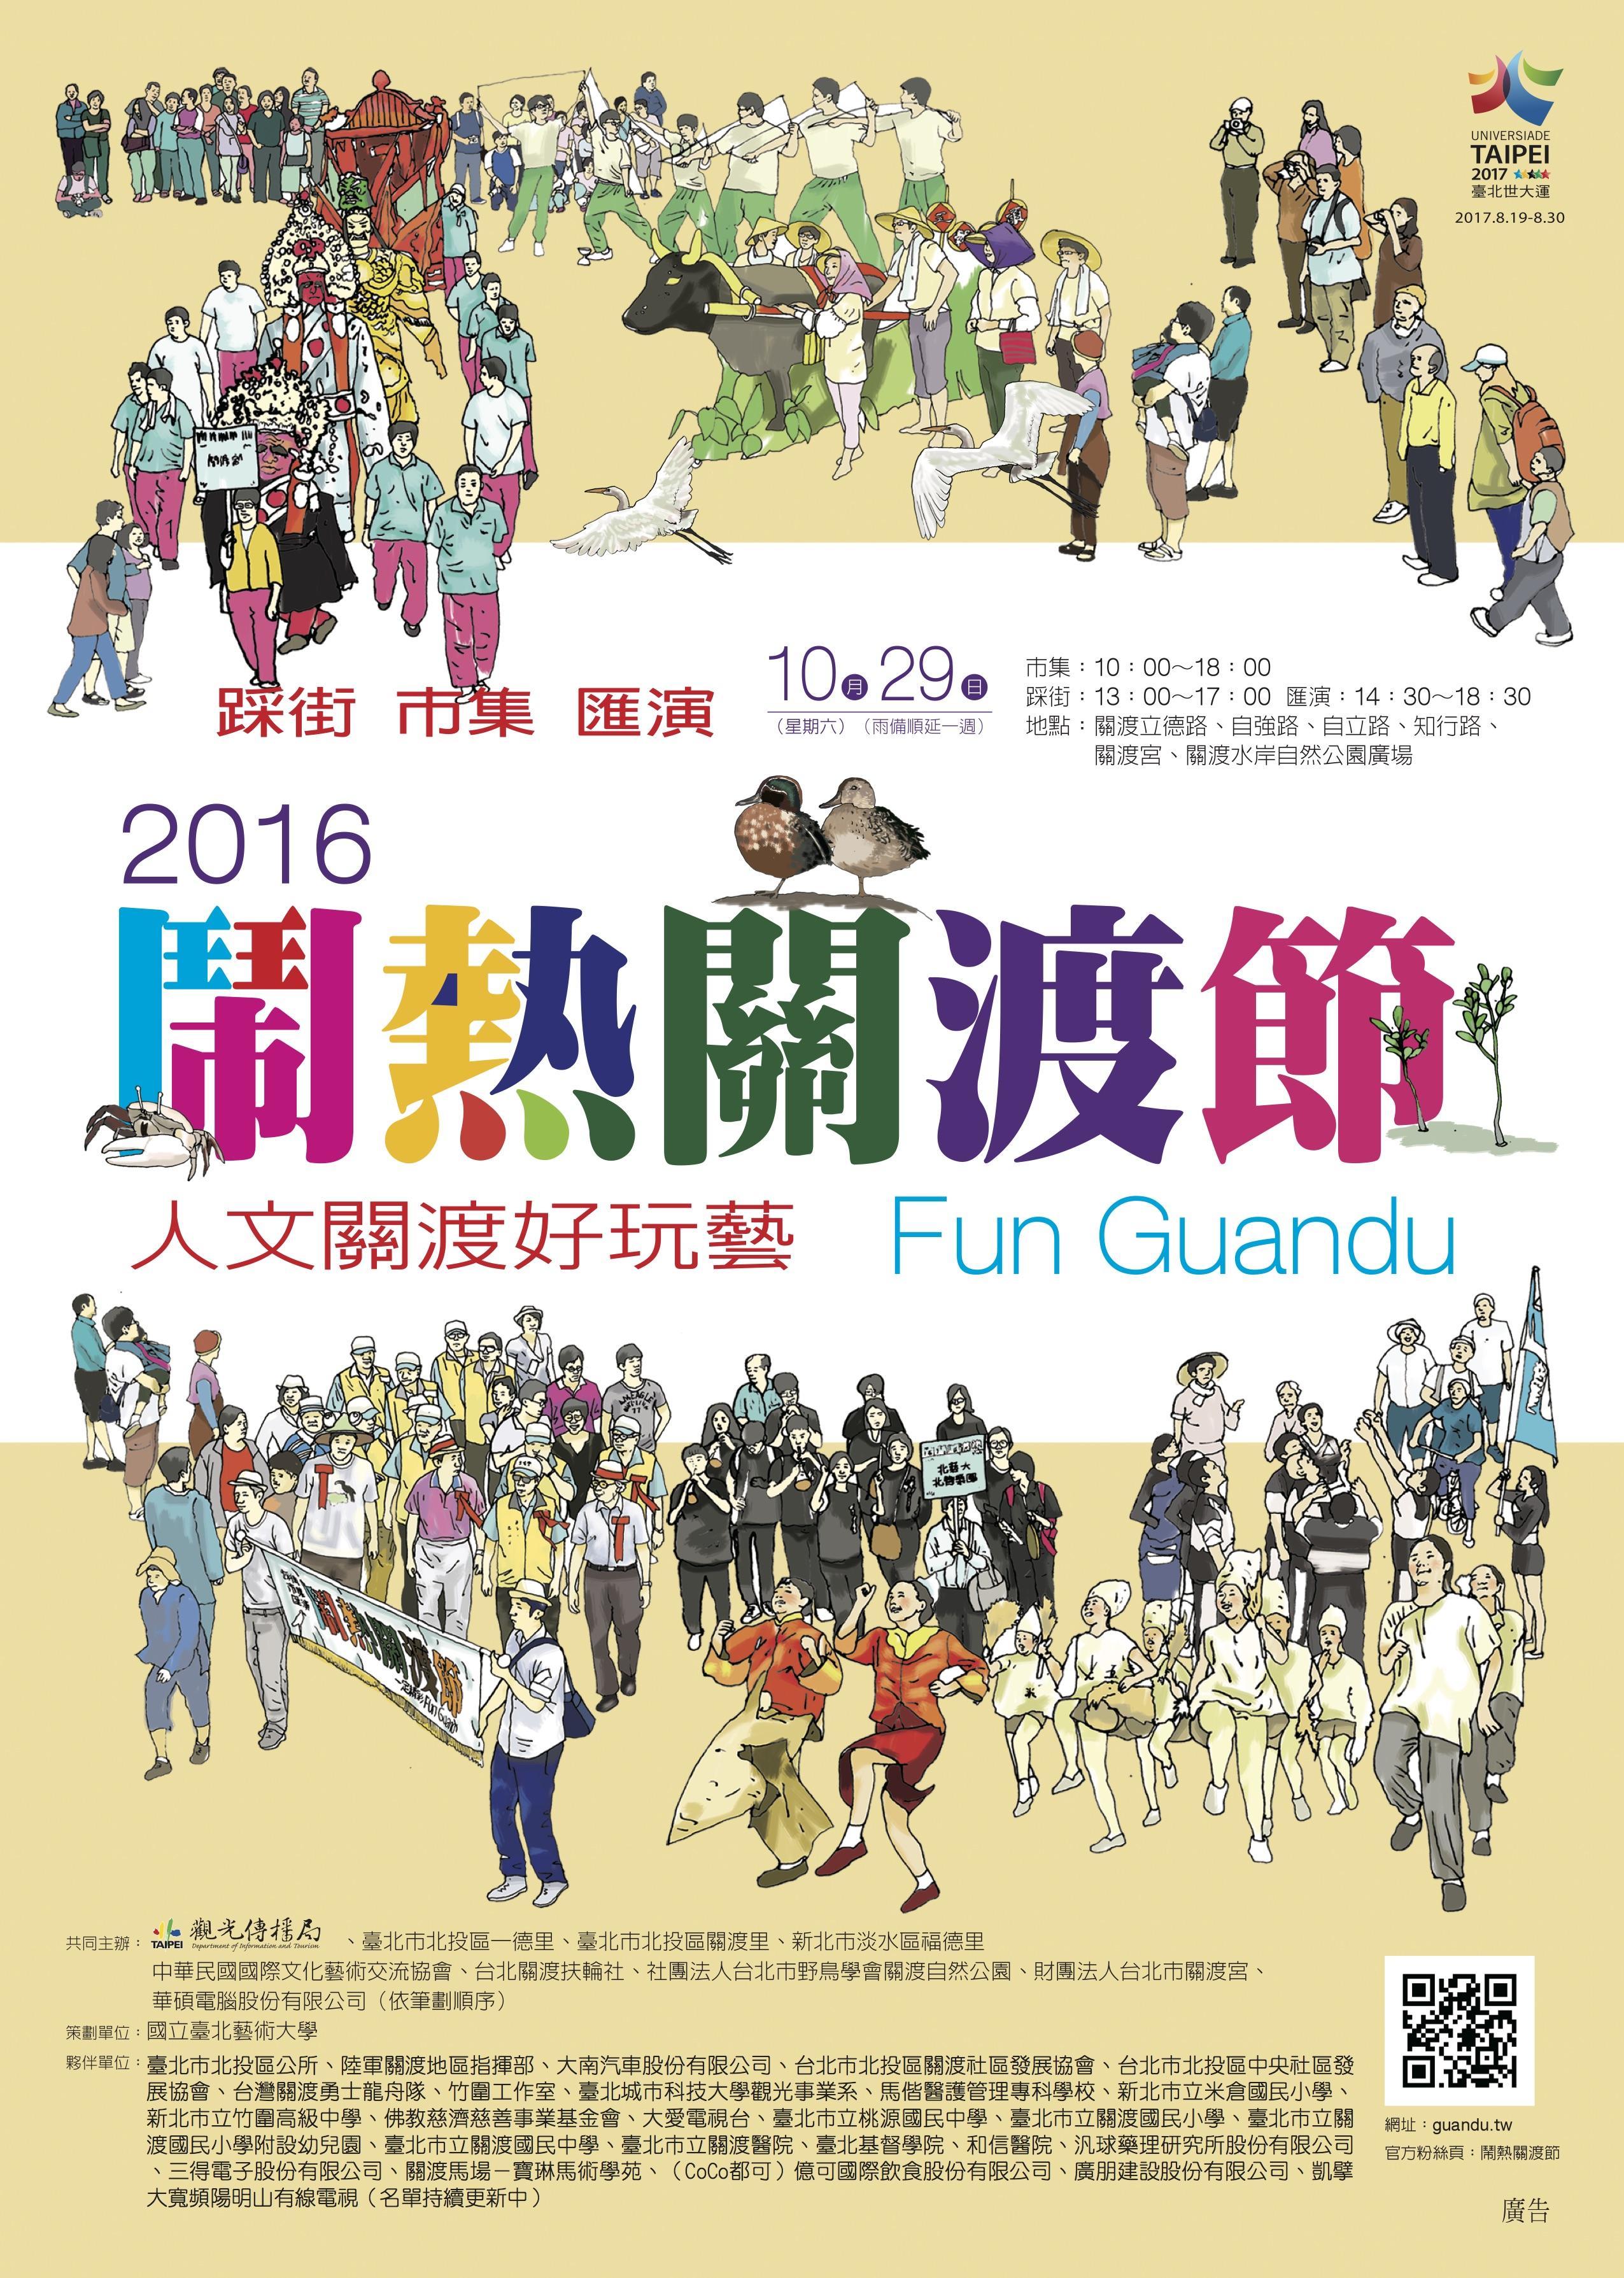 2016「鬧熱關渡節」